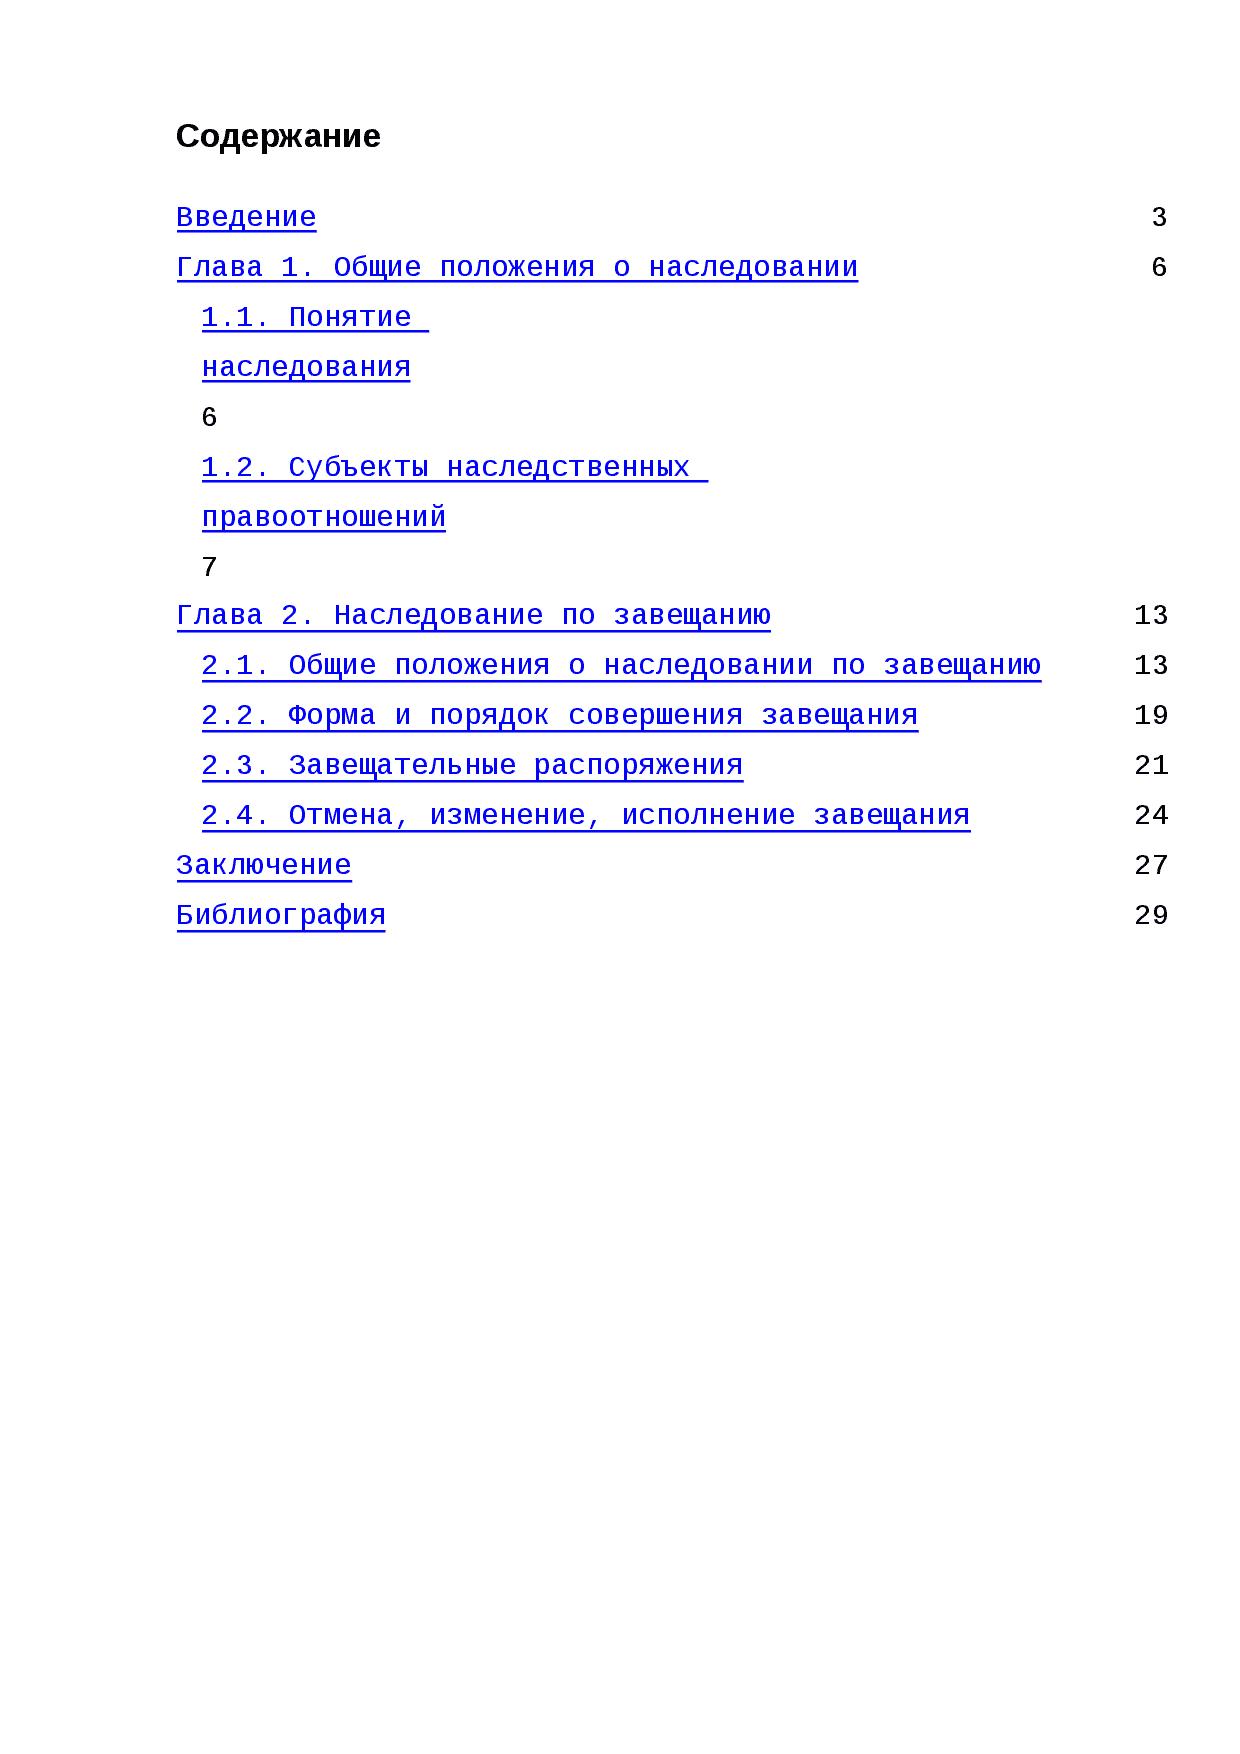 Особенности наследования по завещанию (стр. 1 из 7)